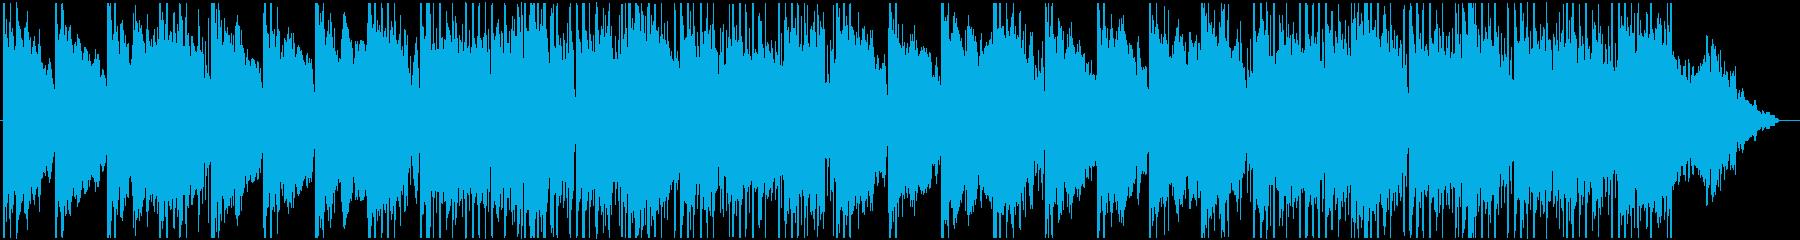 ケルト、アイリッシュ、ファンタジーBGMの再生済みの波形